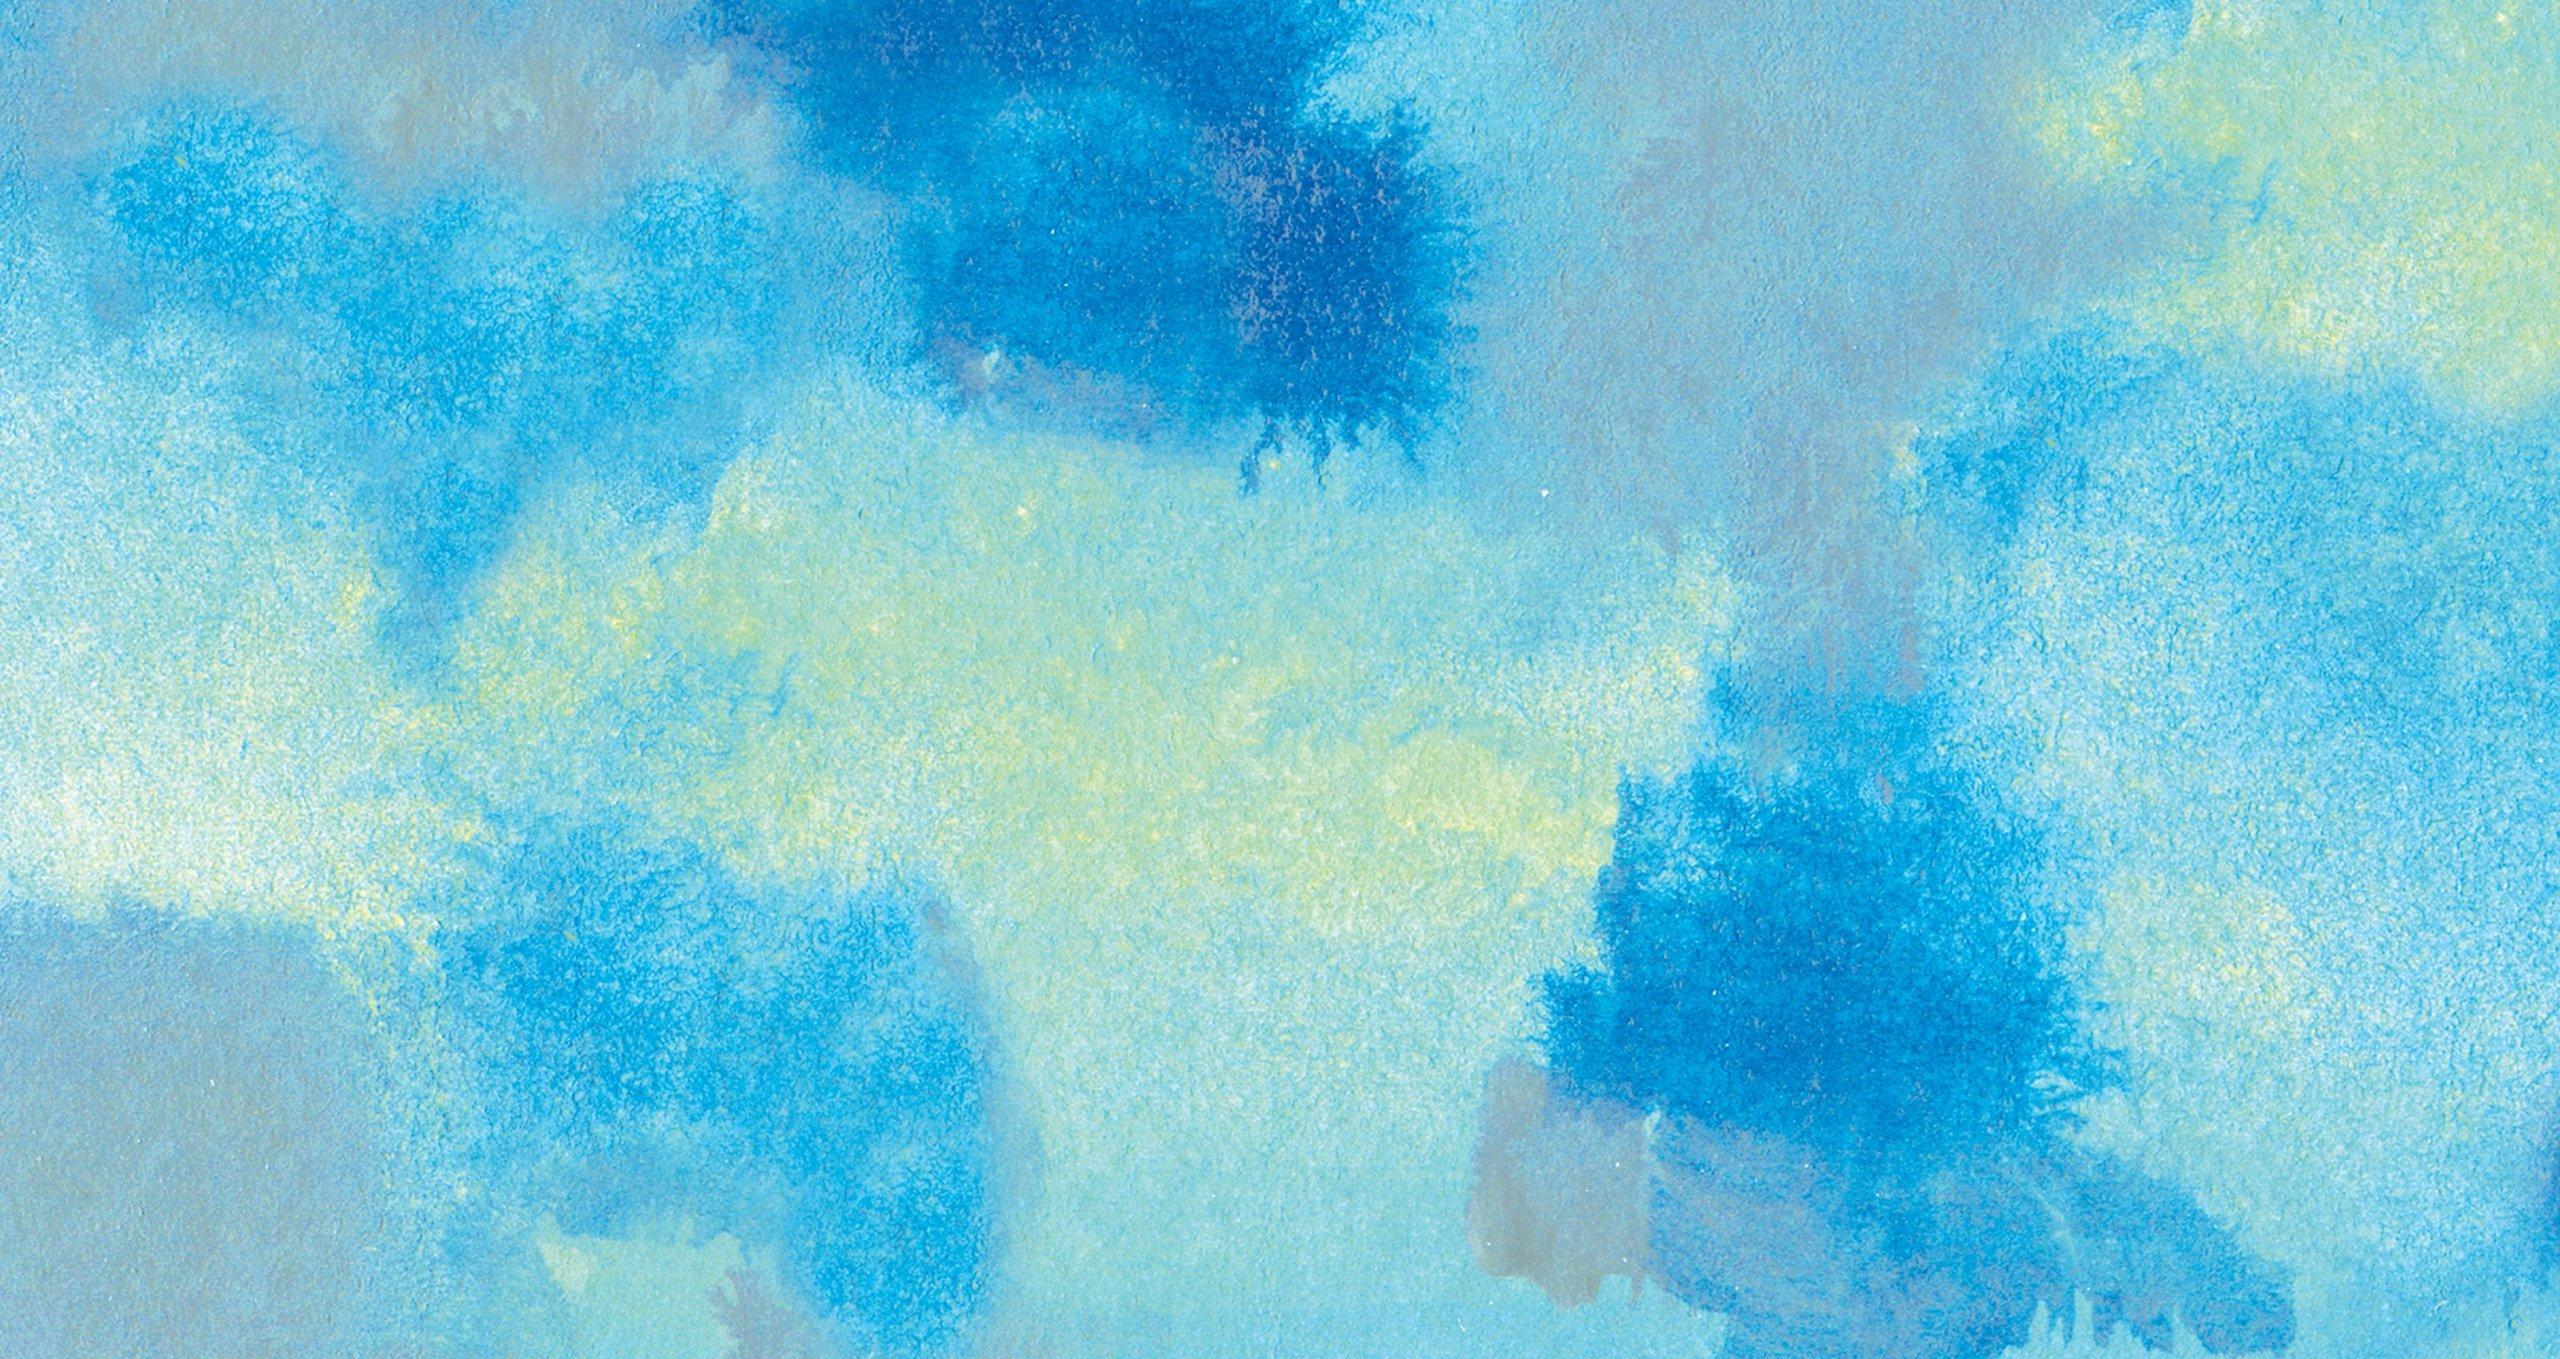 Watercolor Wallpapers - WallpaperSafari